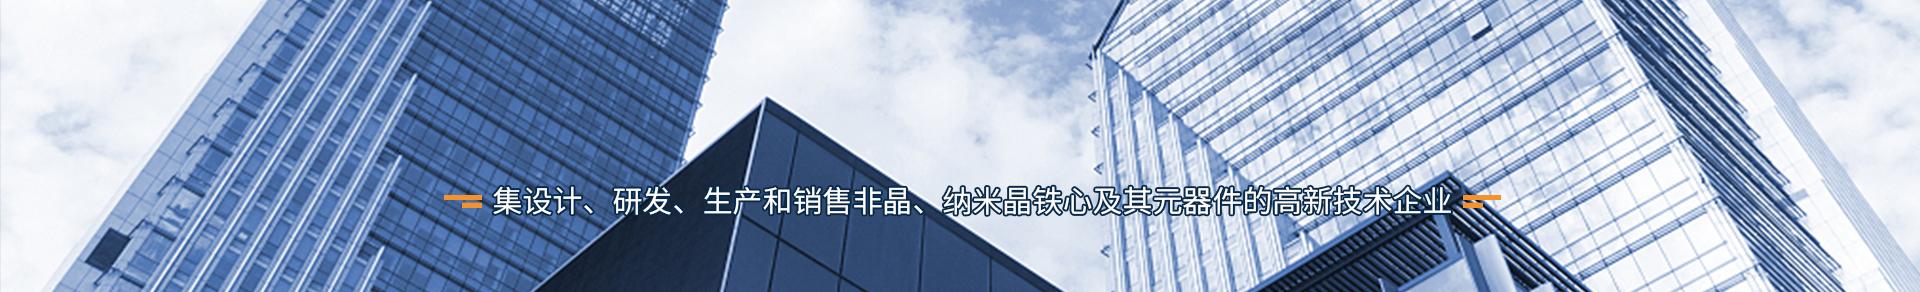 http://www.chinaboerjing.com/data/upload/202008/20200820144429_740.jpg